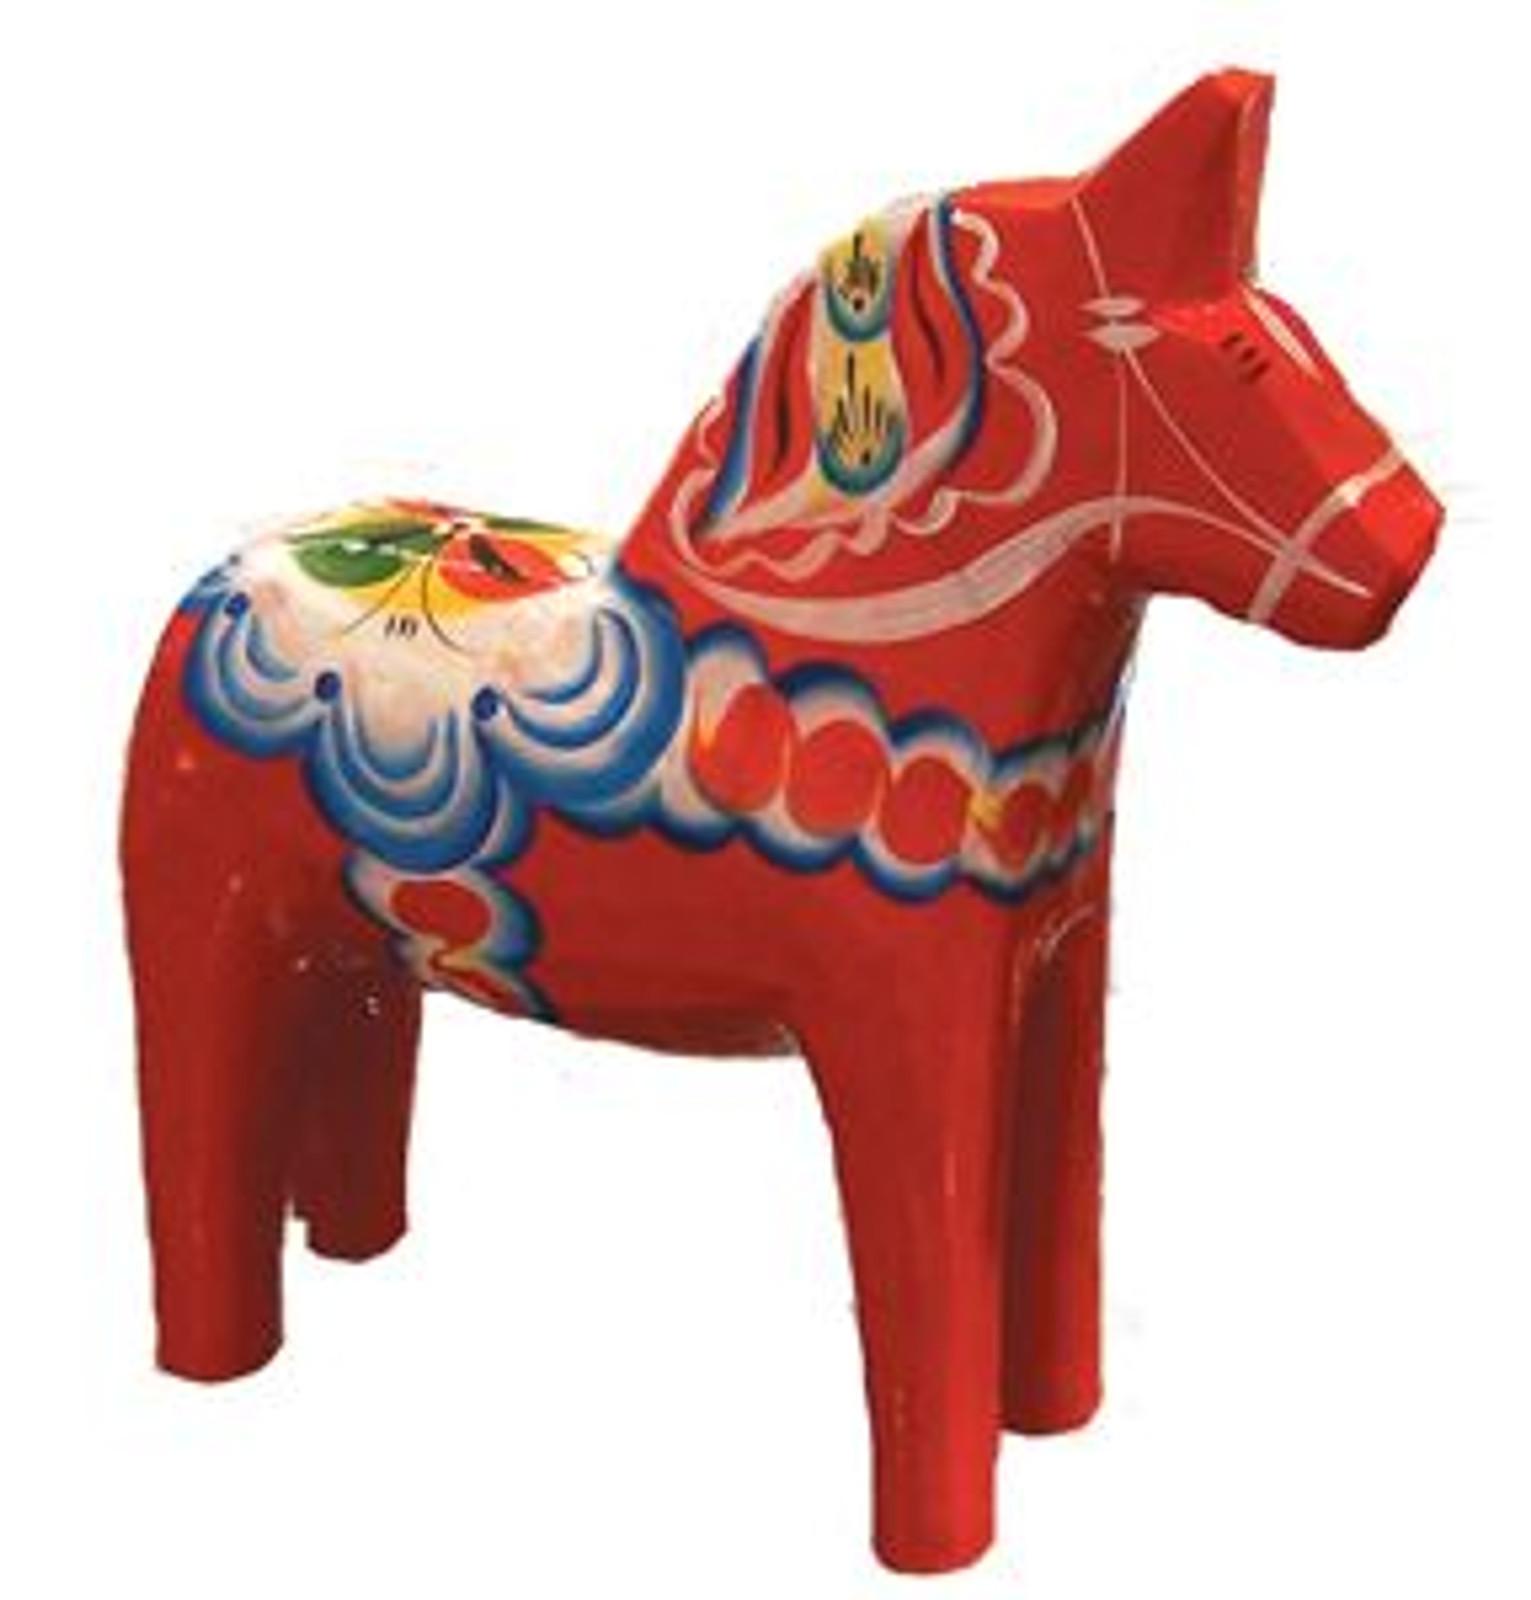 Authentic Swedish Dala Horse, 2 inches.